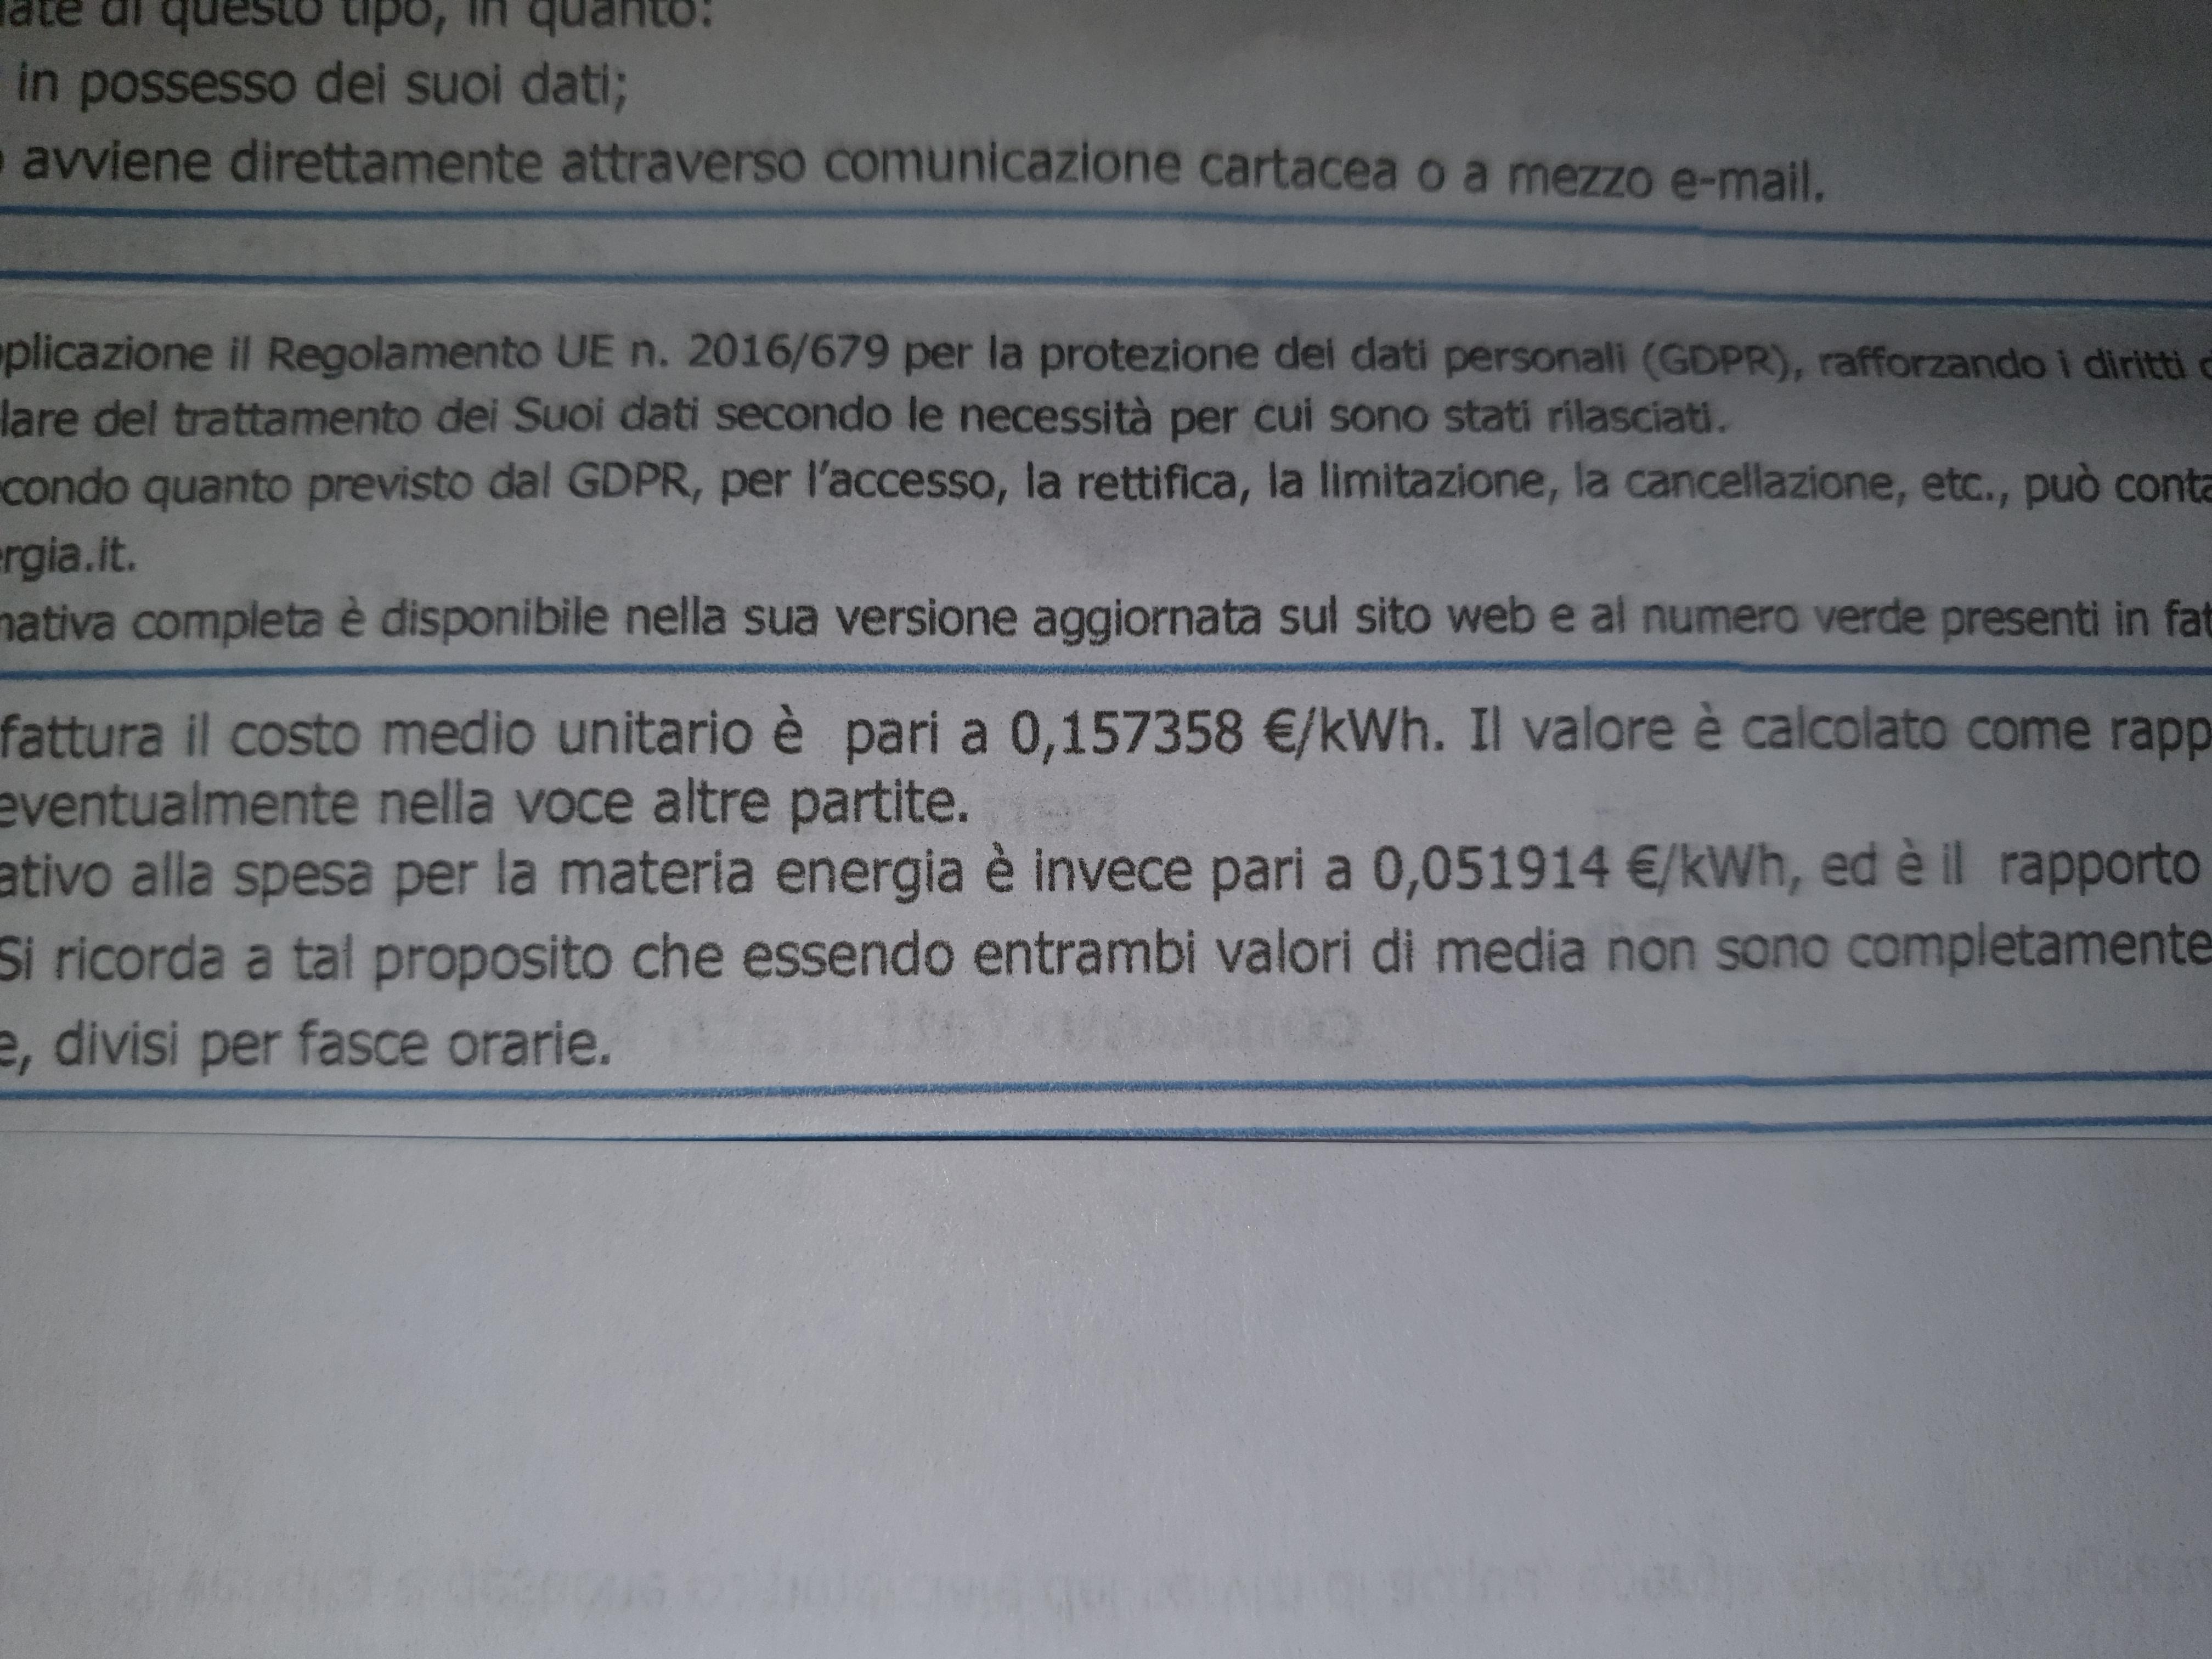 http://www.energialternativa.info/public/newforum/ForumEA/U/16020759888102052347159074855918.jpg